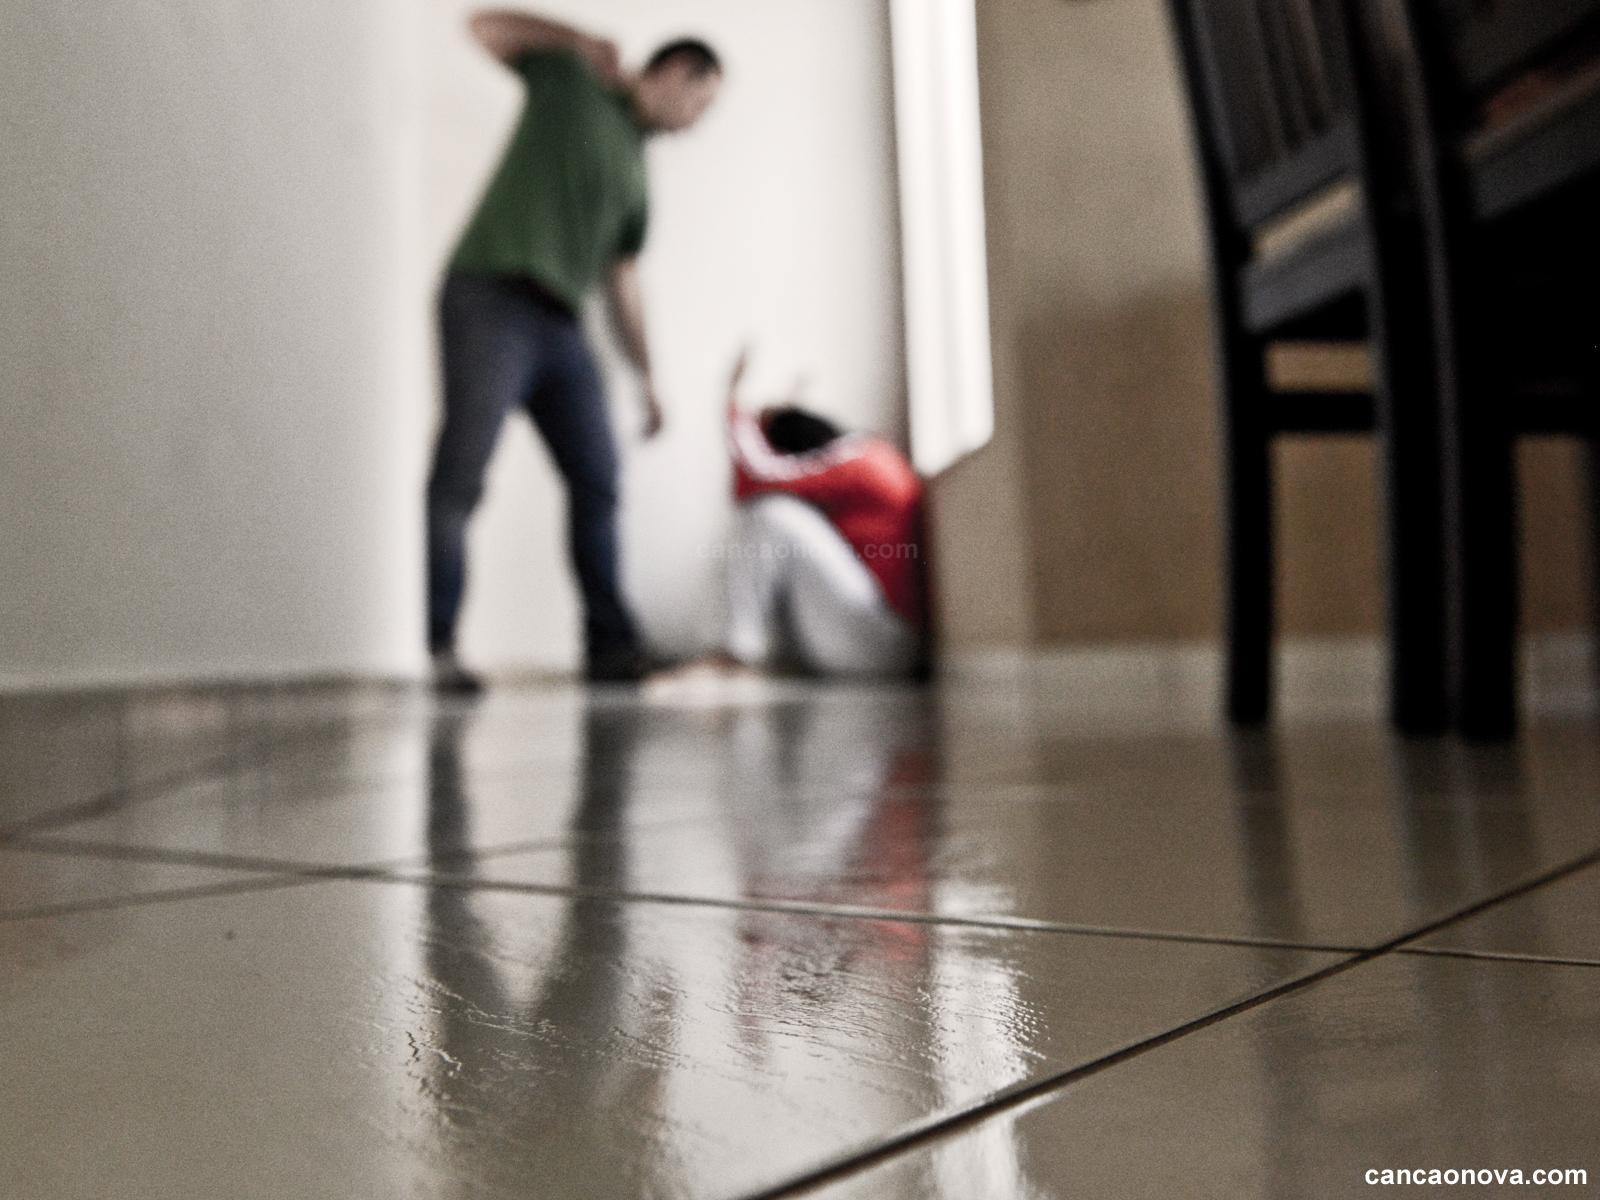 violencia-domestica-no-casamento-o-que-fazer